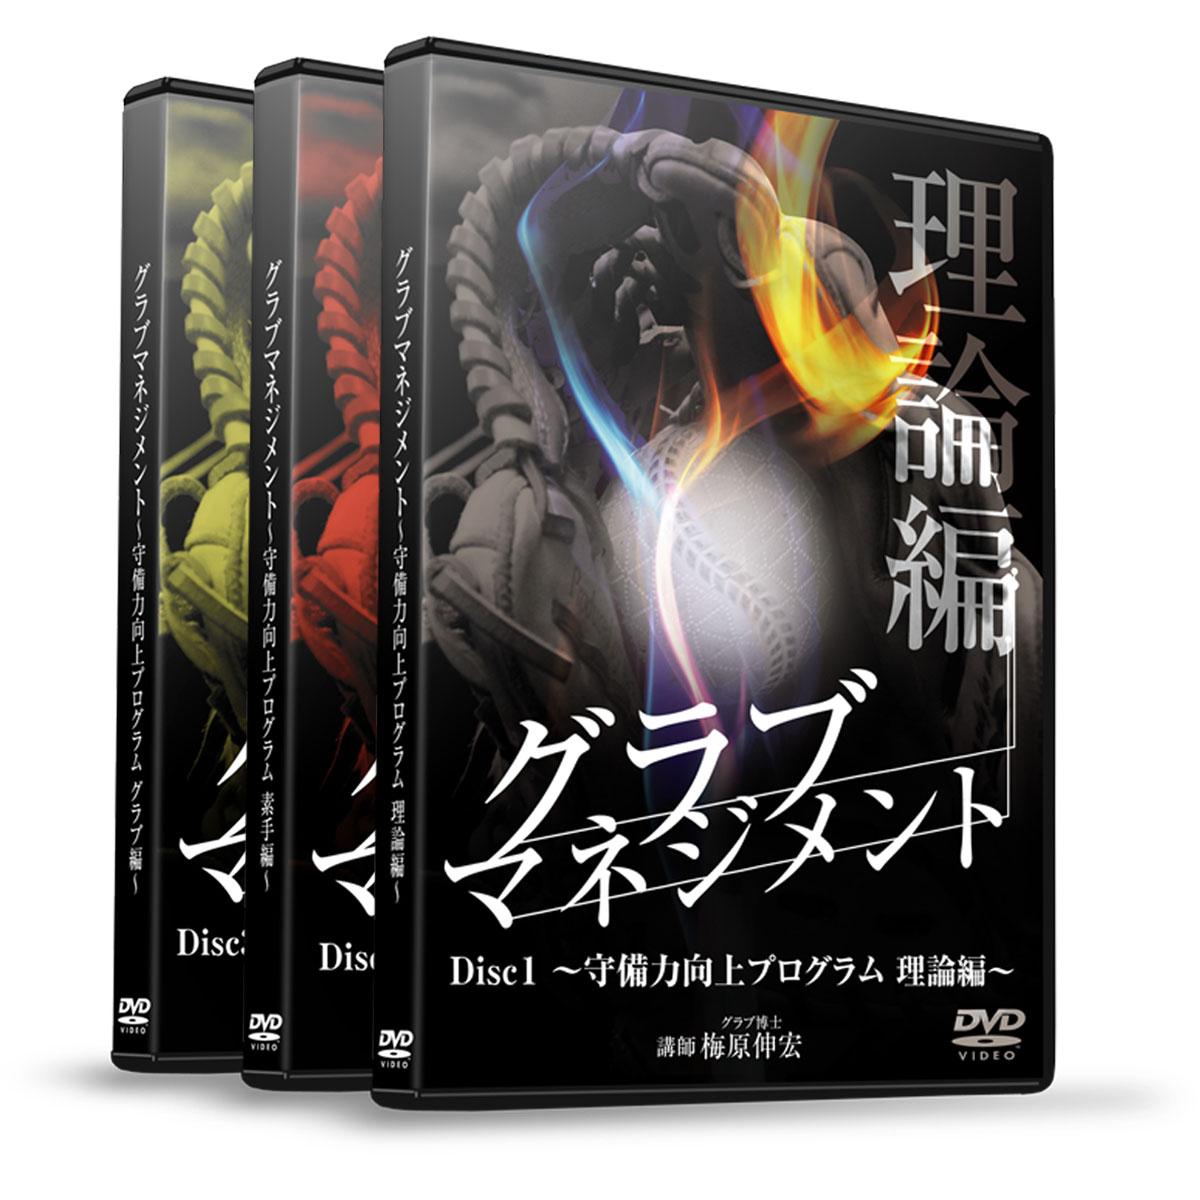 """梅原伸宏の""""グラブマネジメント"""" ~守備力向上プログラム~ フルセット【特典DVD付】"""